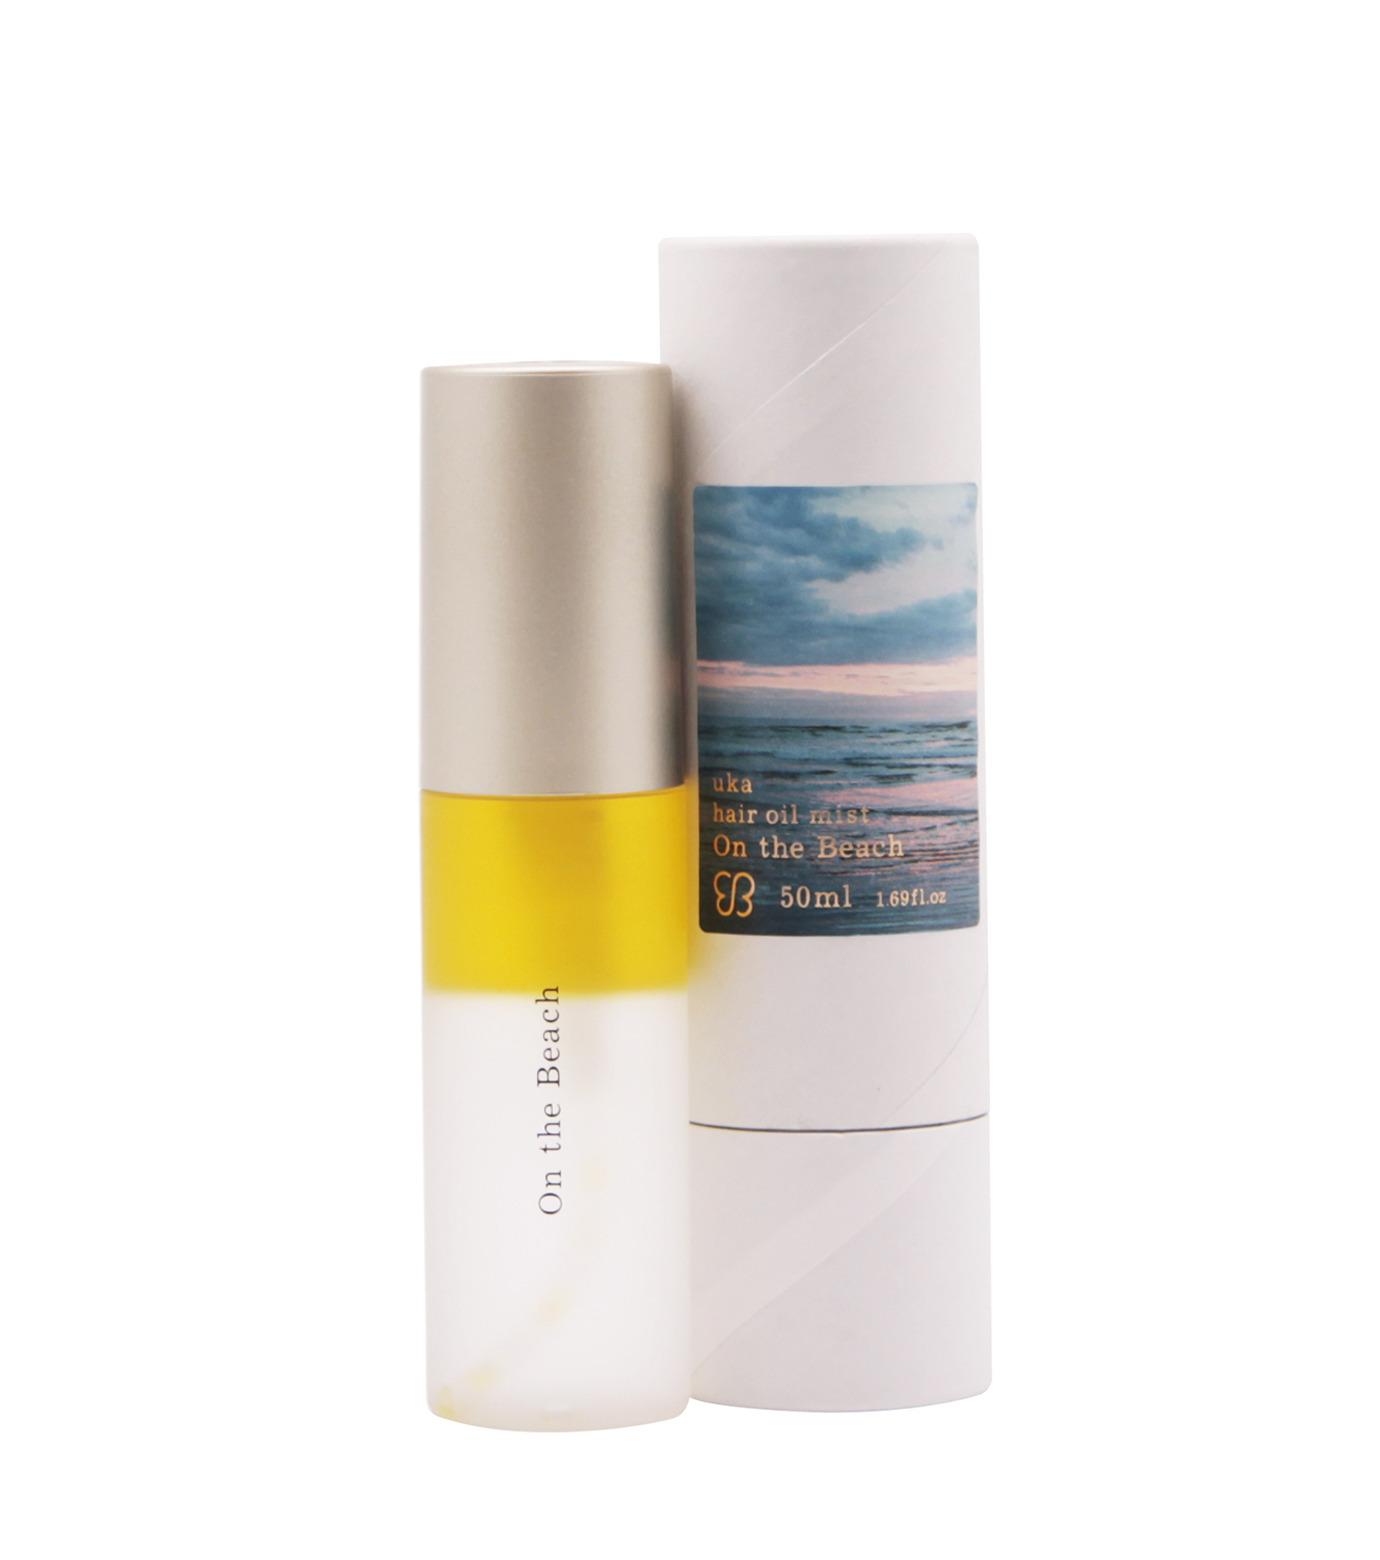 uka(ウカ)のHair oil Mist On the Beach-WHITE(HAIR-CARE/HAIR-CARE)-3000017-4 拡大詳細画像1